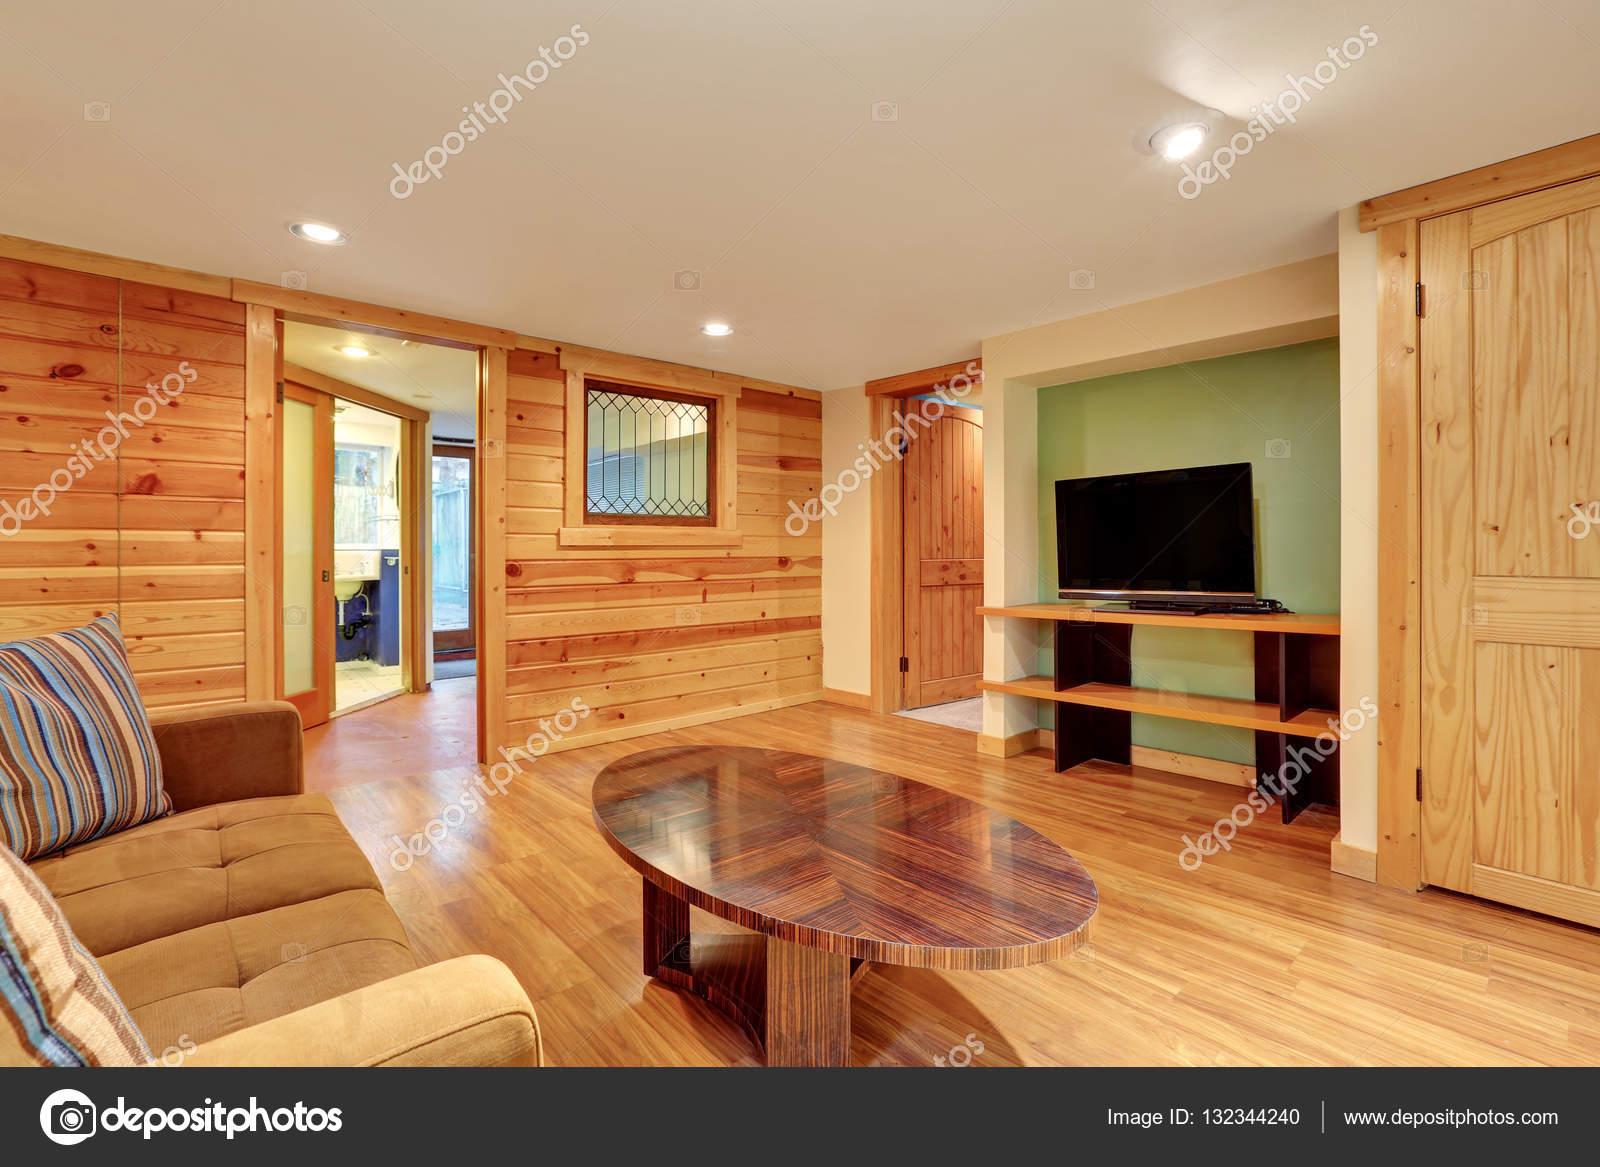 Wunderbar Familienzimmer Innenraum Mit Holz Getäfelten Wänden. Nordwesten, Usa U2014 Foto  Von Iriana88w